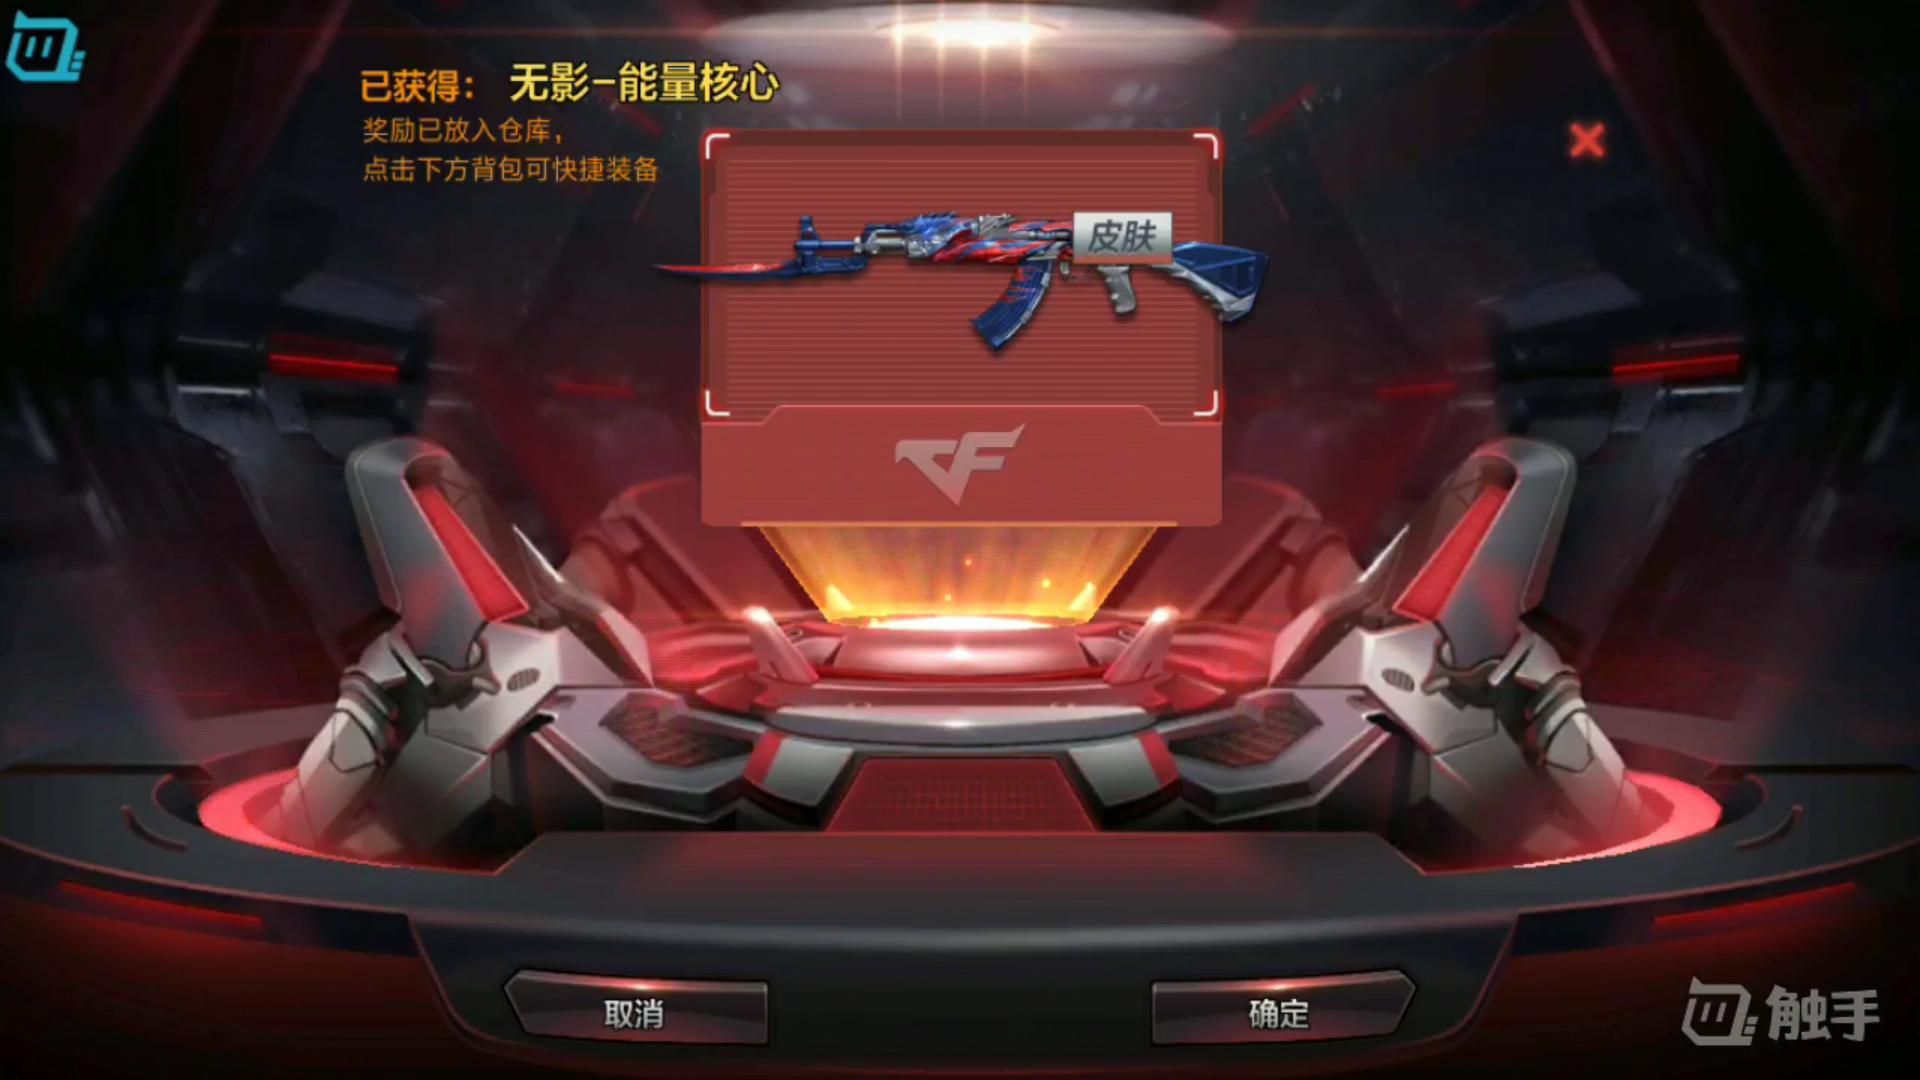 穿越火线: 【沐轩】怒砸铁血枪魂 500级秒出无影皮肤。